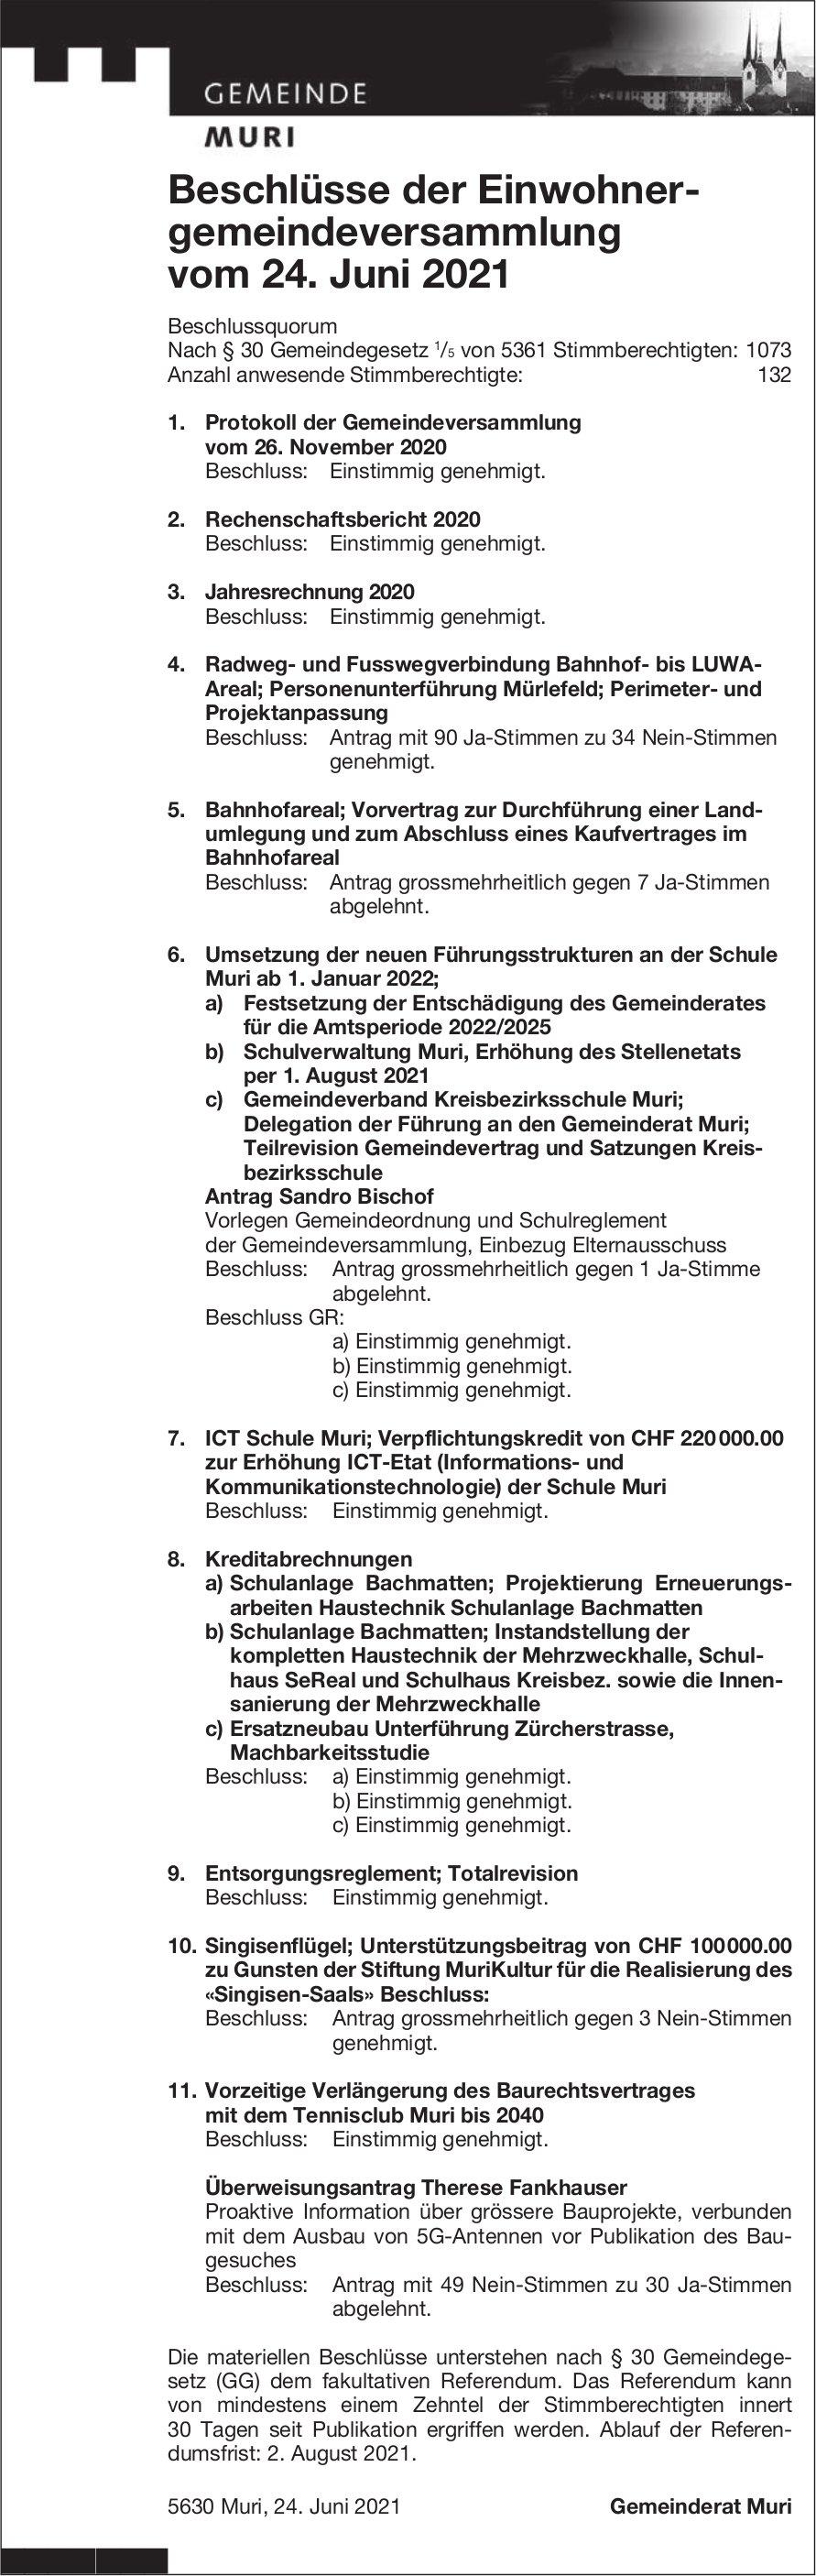 Muri - Beschlüsse der Einwohnergemeindeversammlung vom 24. Juni